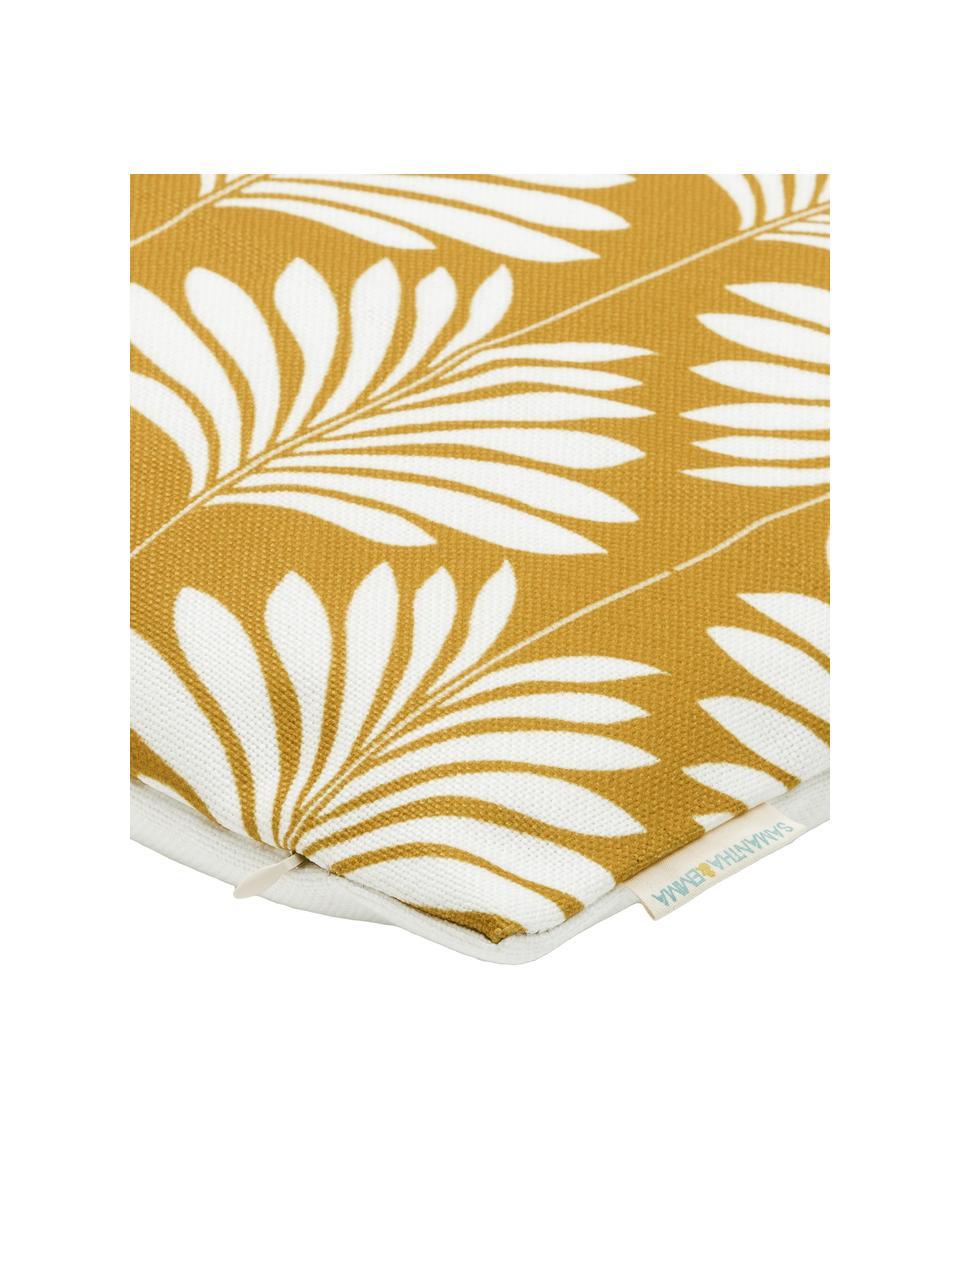 Poszewka na poduszkę z lnu  Agga, 60% len, 40% bawełna, Żółty, biały, S 45 x D 45 cm